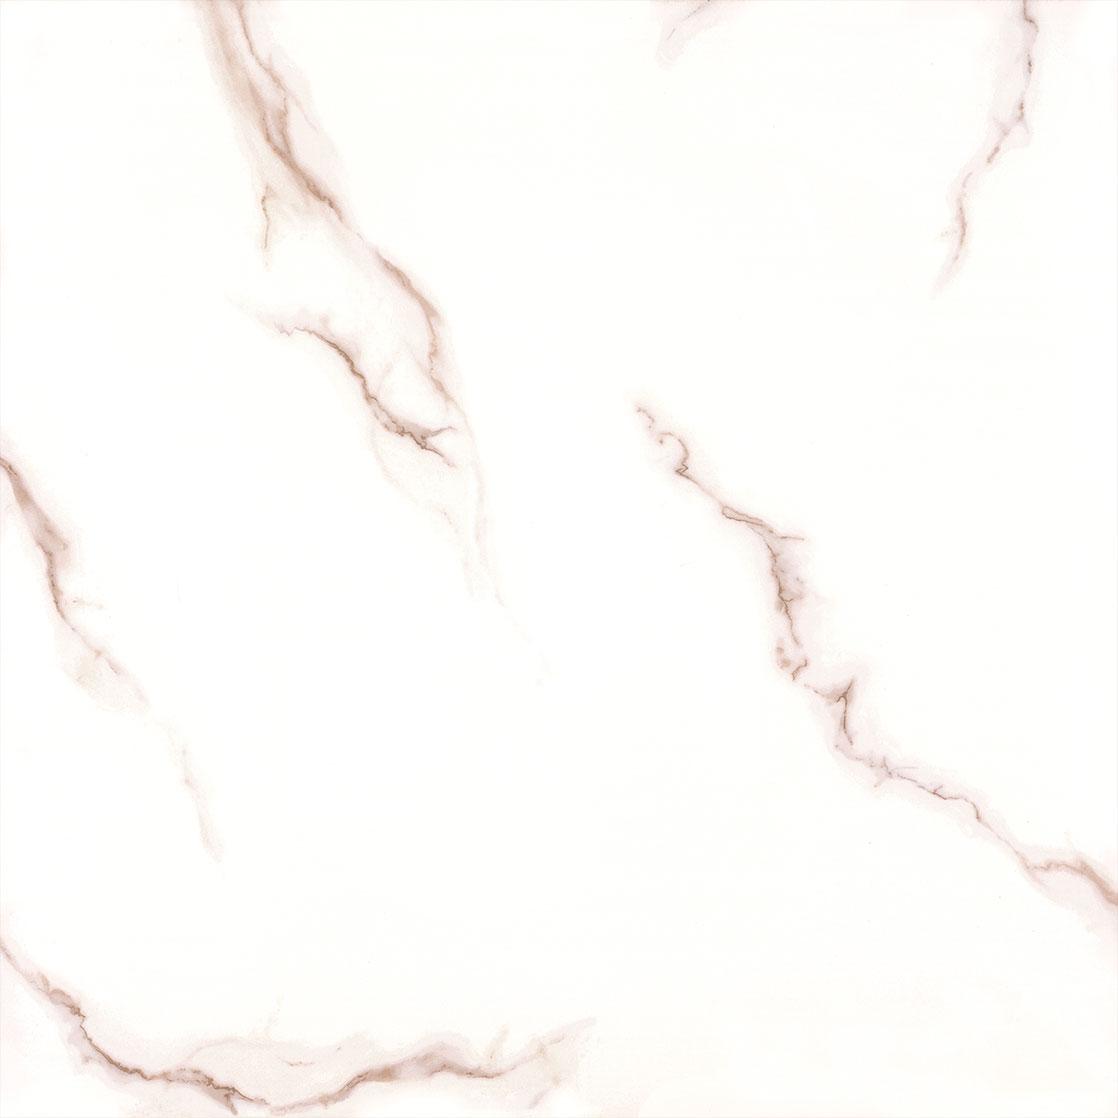 Gạch lát nền 60x60 Viglacera UH6807 giá rẻ